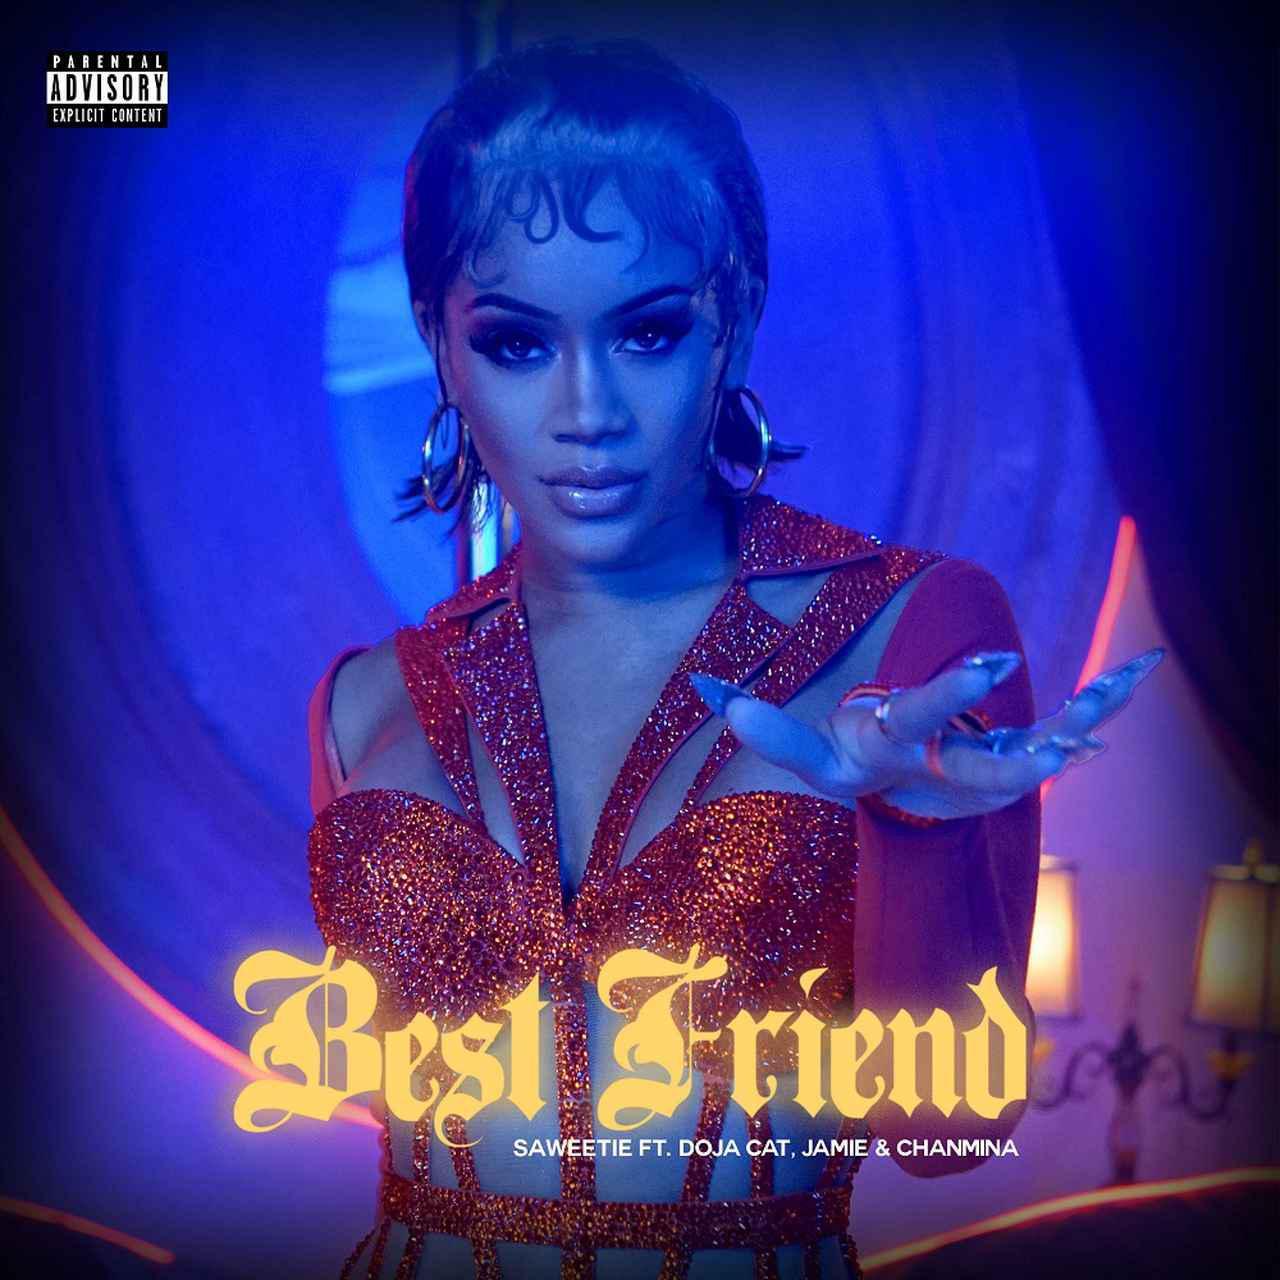 画像: 「Best Friend」の新たなリミックスがリリース